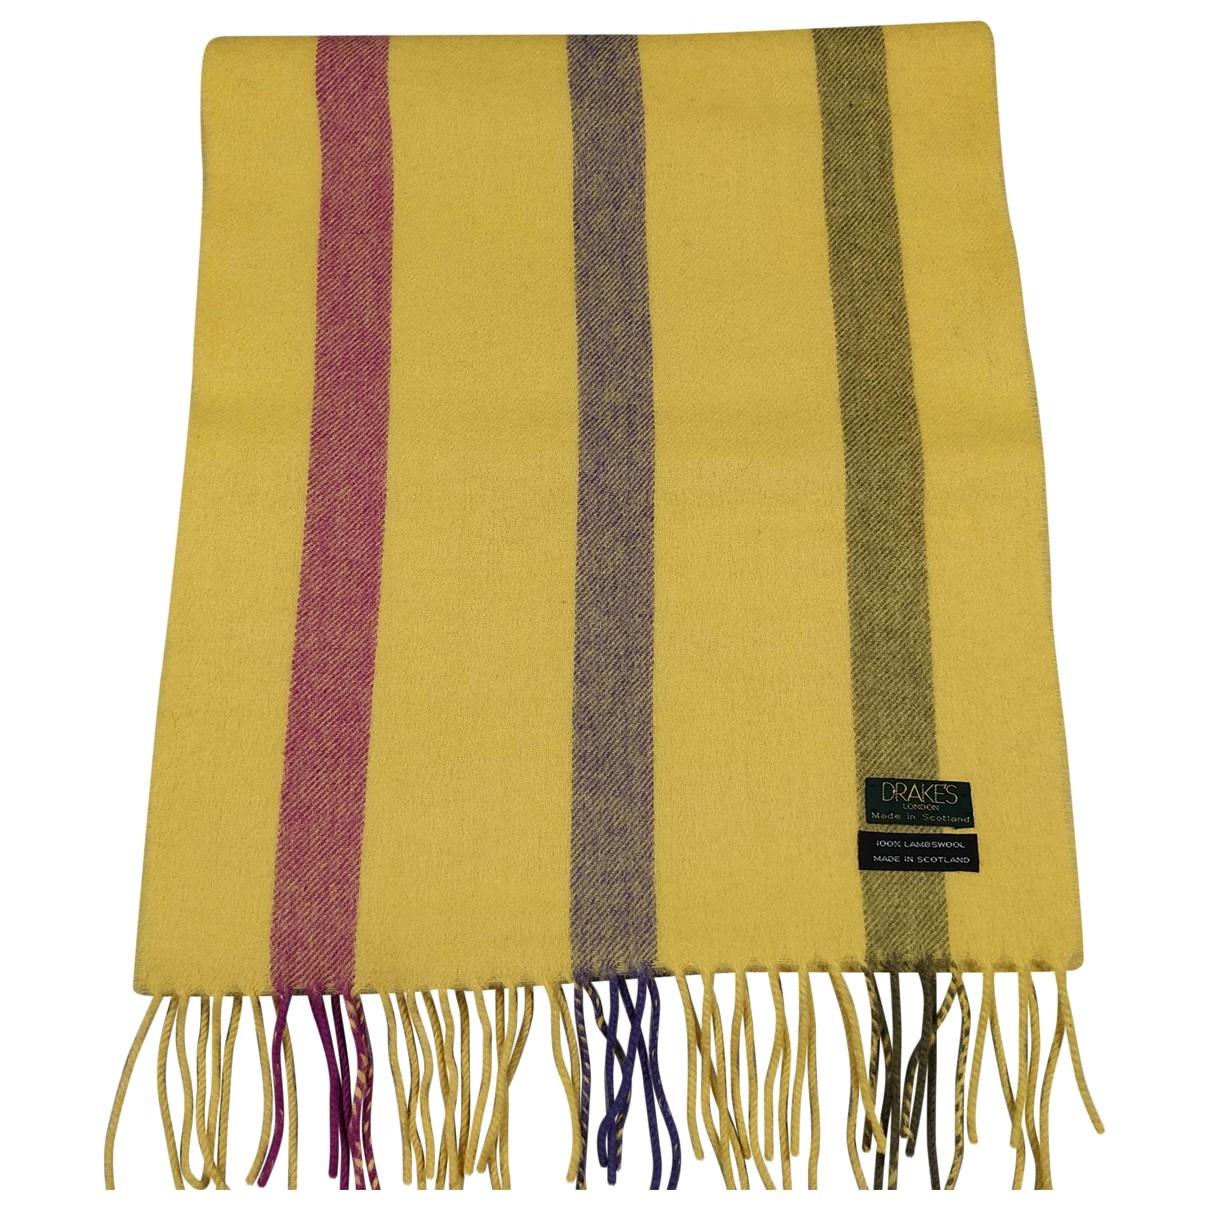 Pañuelo / bufanda de Lana Drakes